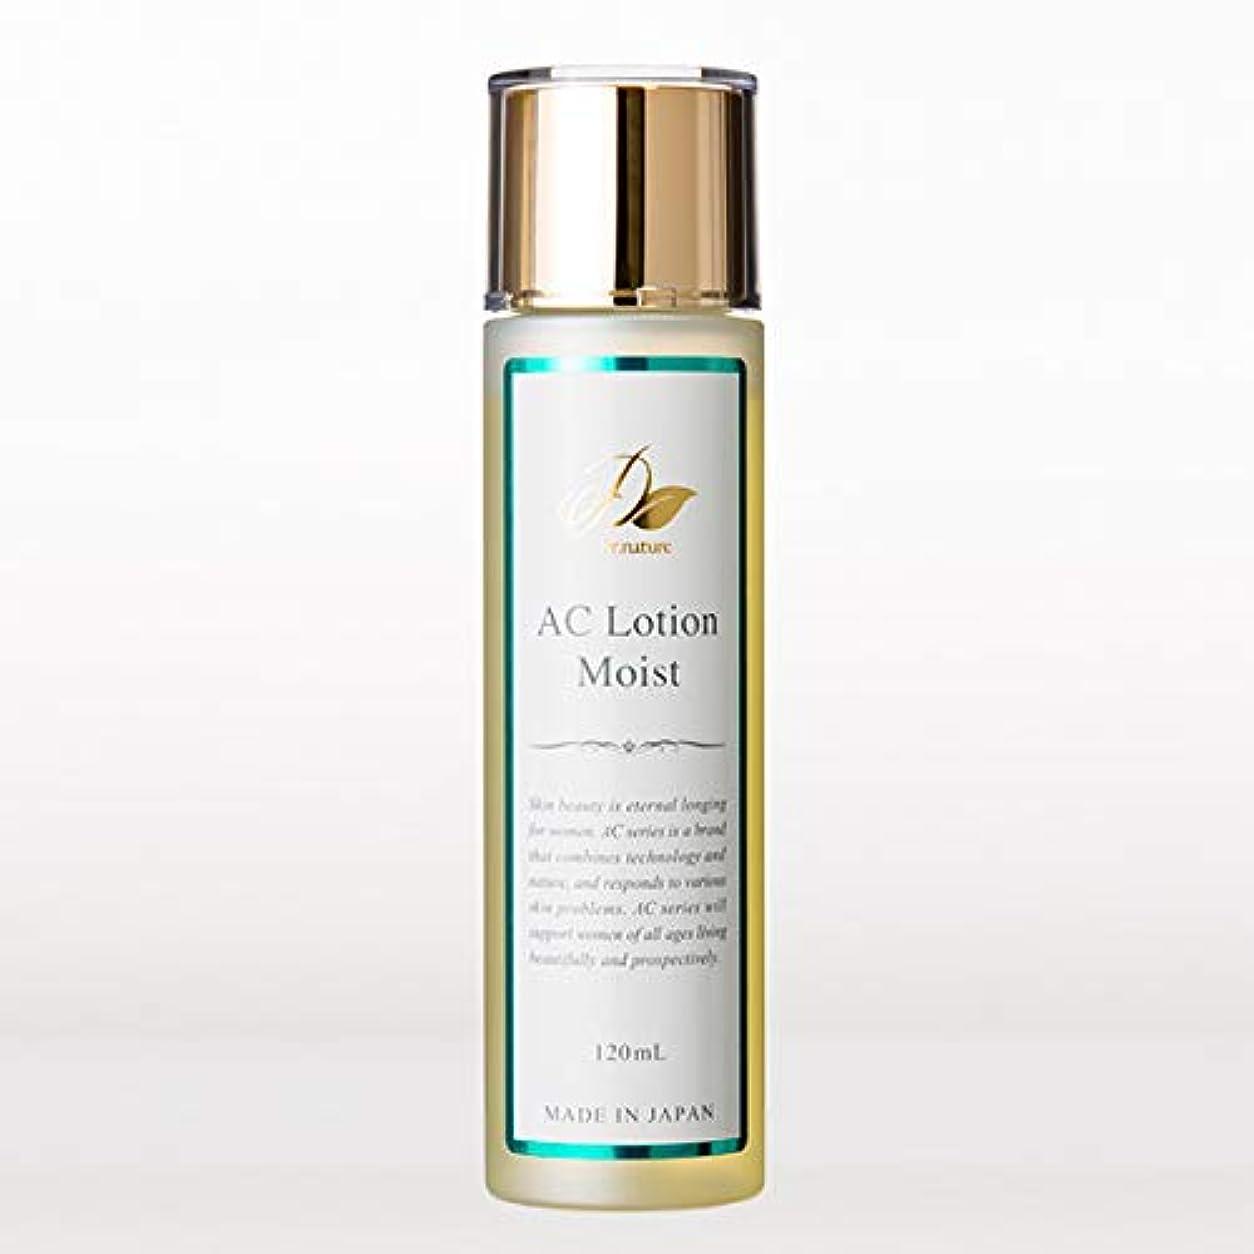 上下するトランスペアレント水素AC化粧水 Moist 120ml モイスト しっとりタイプ「肌荒れ Dr.natureドクターナチュレ」